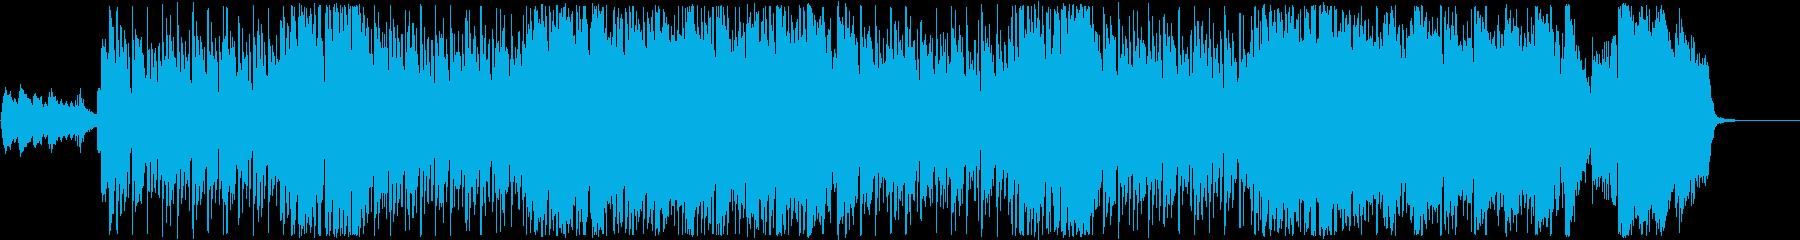 【アニメ】前進感のあるオープニングの再生済みの波形